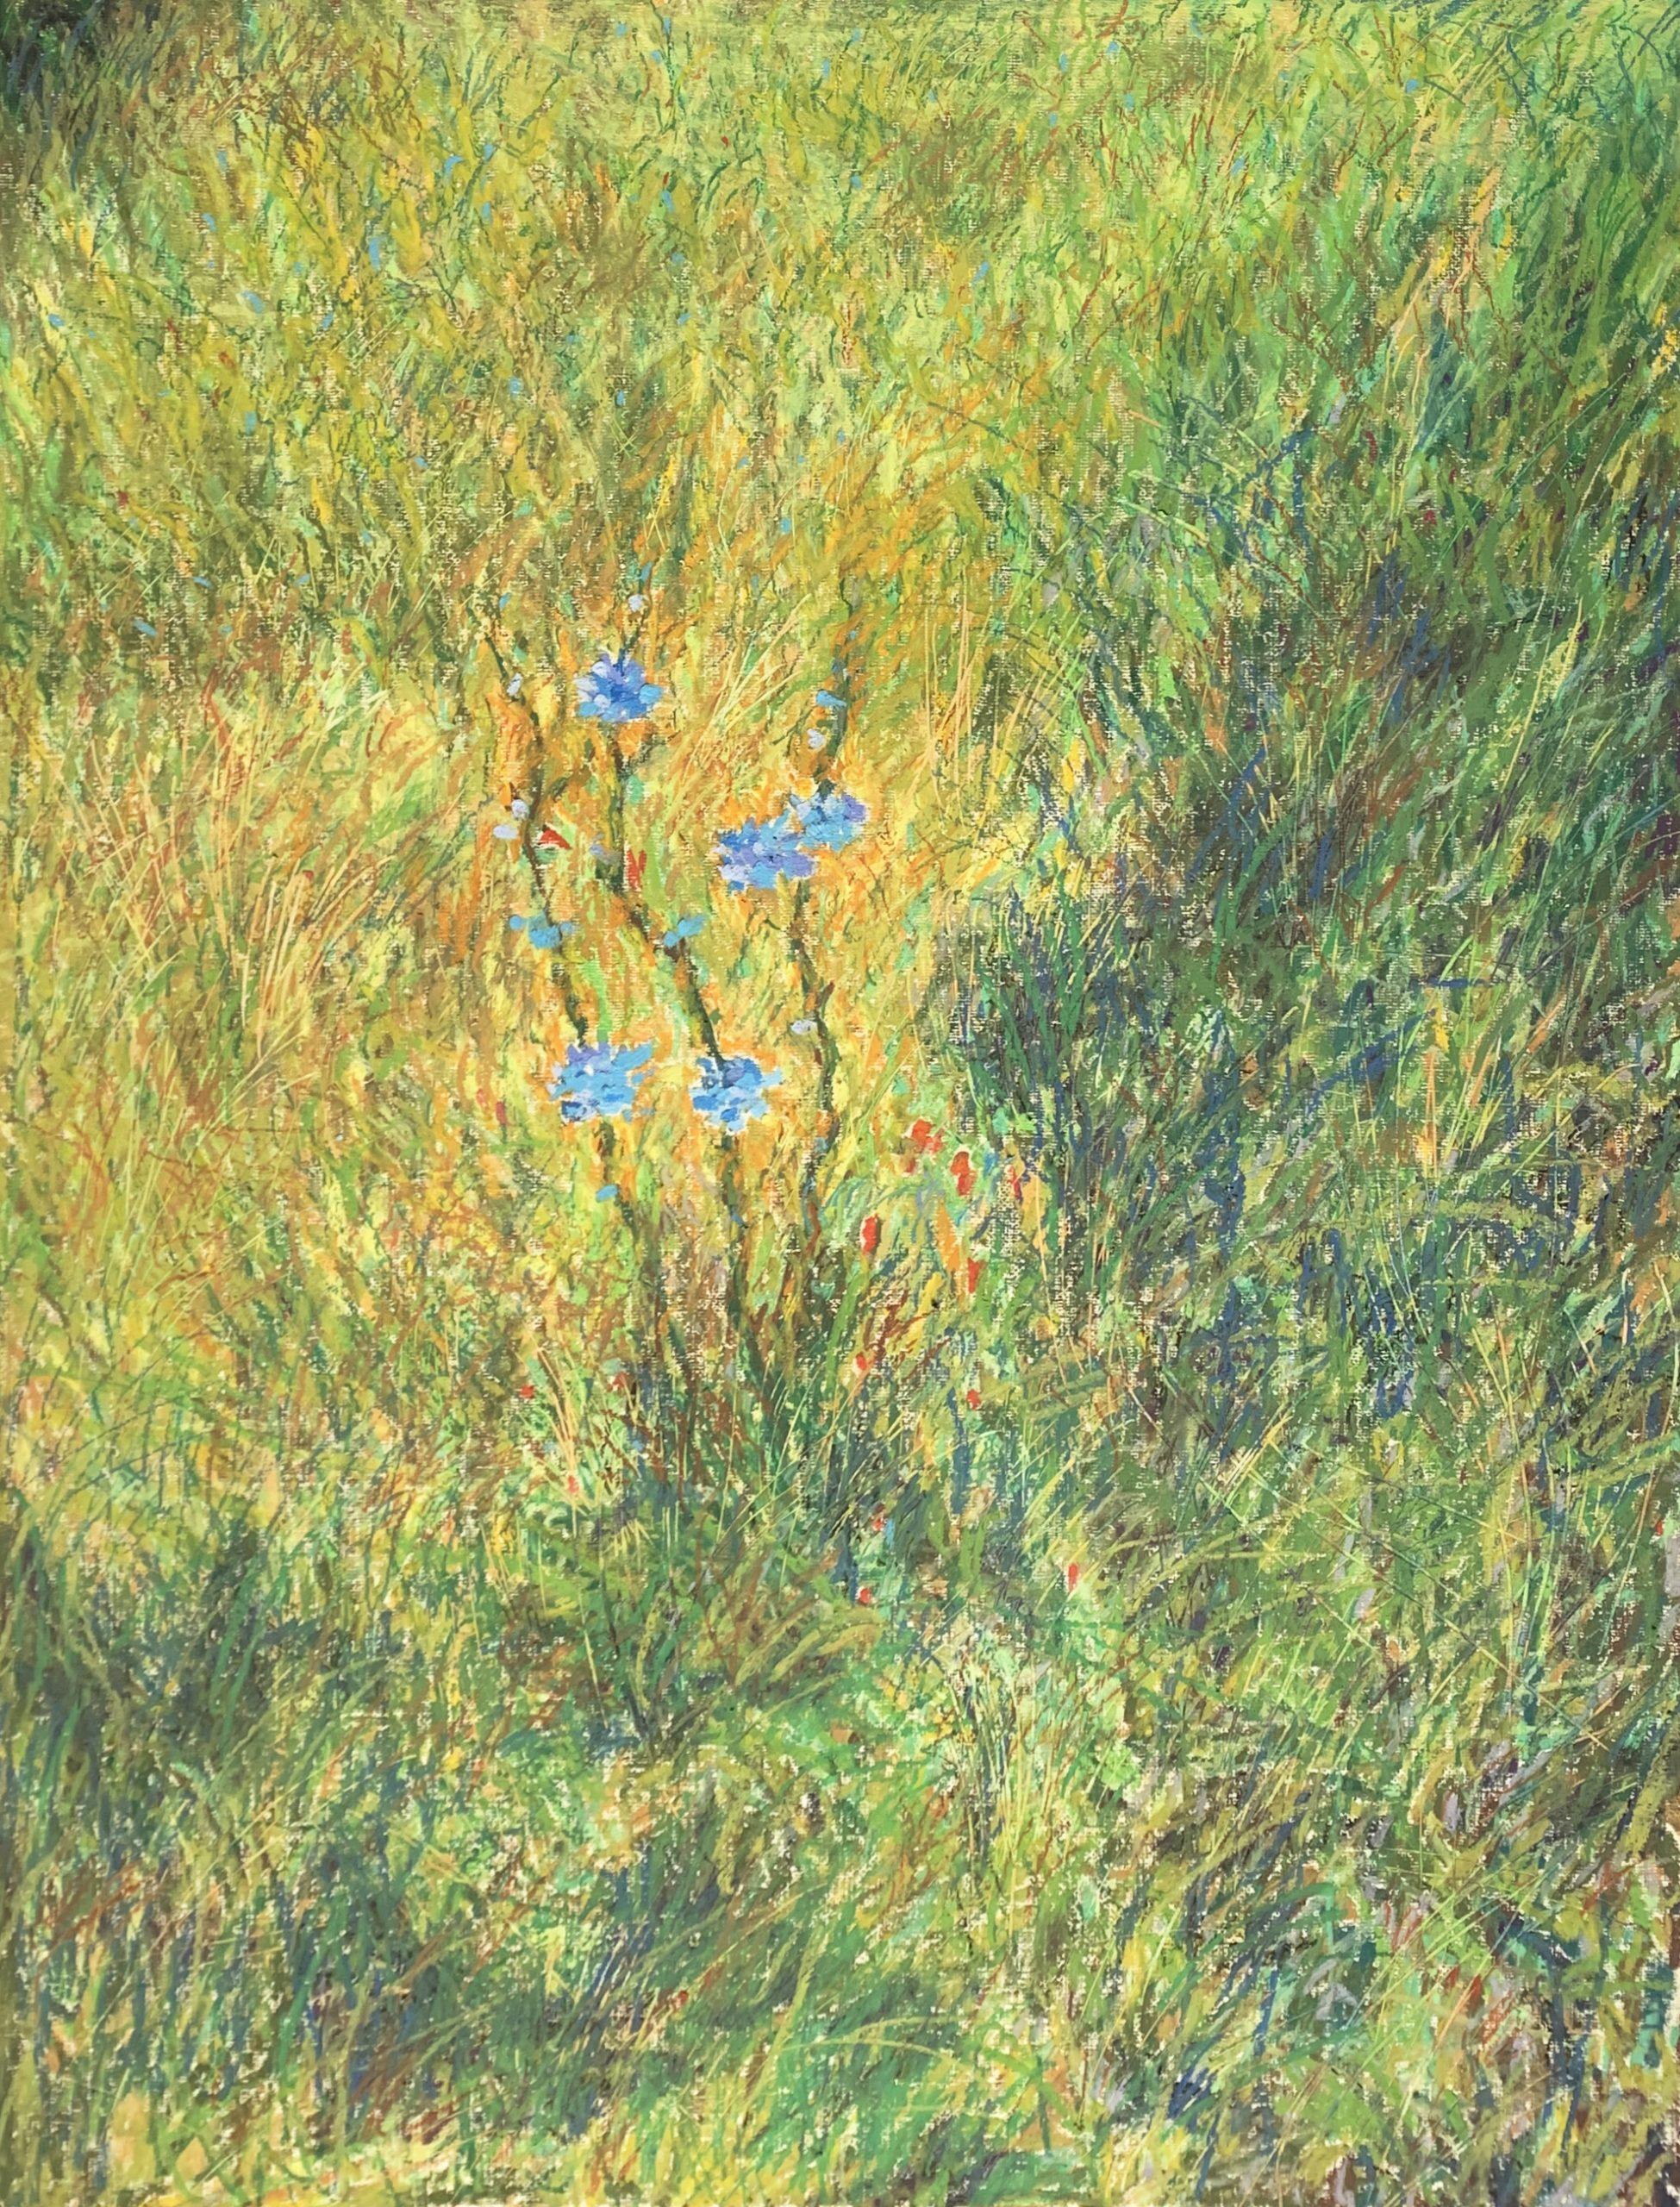 Васильки цветы картина масляная пастель пейзажи природы Альберт Сафиуллин